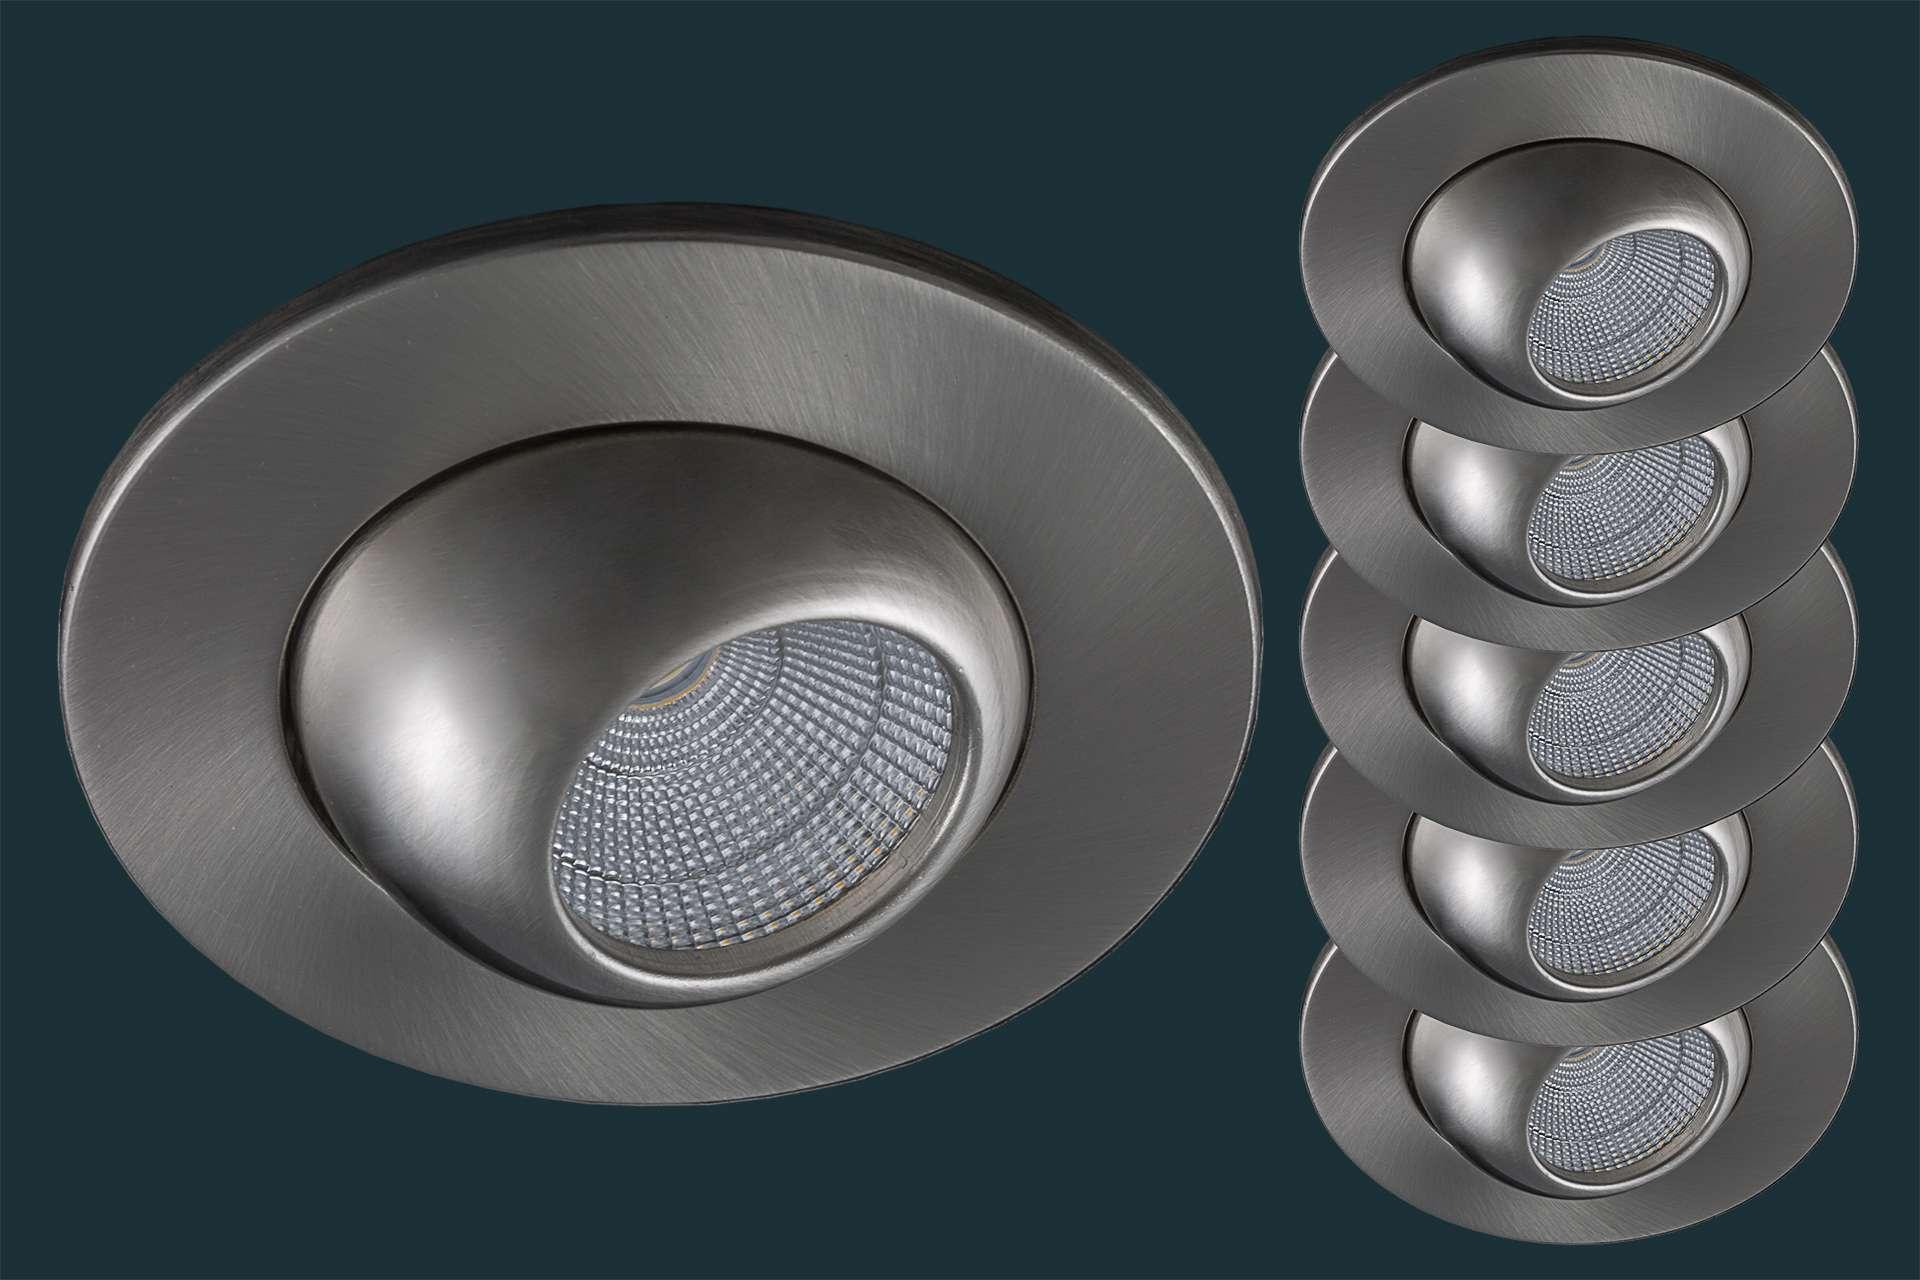 5er-Set-led-einbaustrahler-globe-flach-230V-weiss-01_1280x1280@2x Erstaunlich Led Einbaustrahler 230v Flach Dekorationen